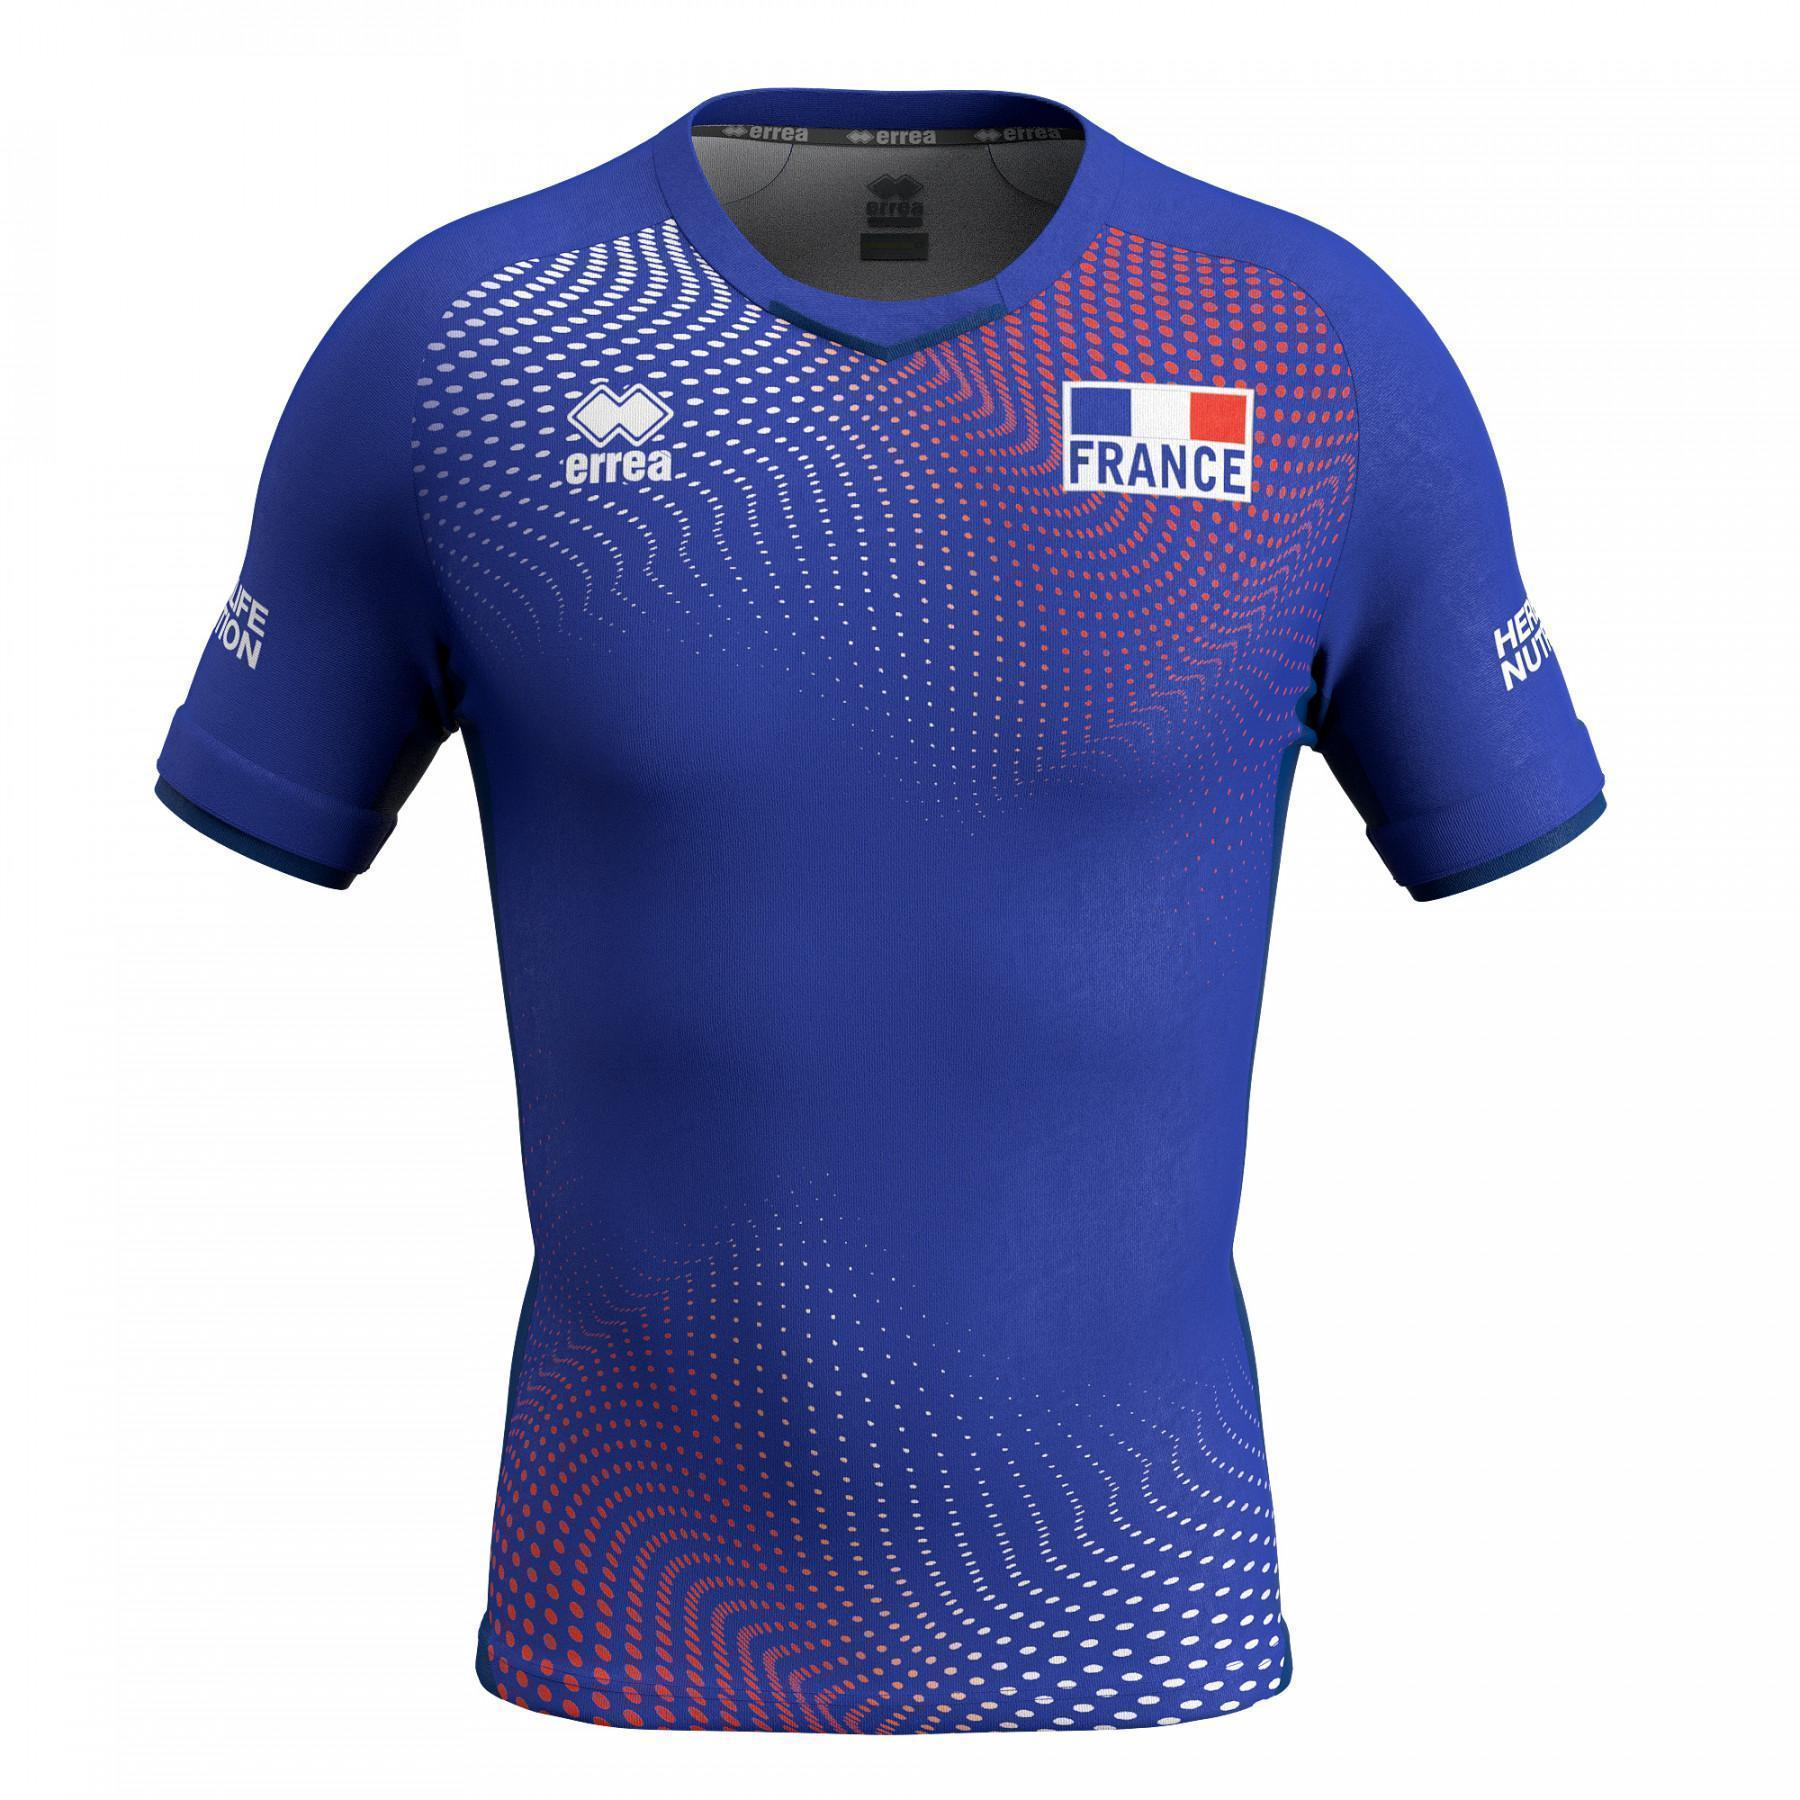 Camiseta de la selección francesa 2020